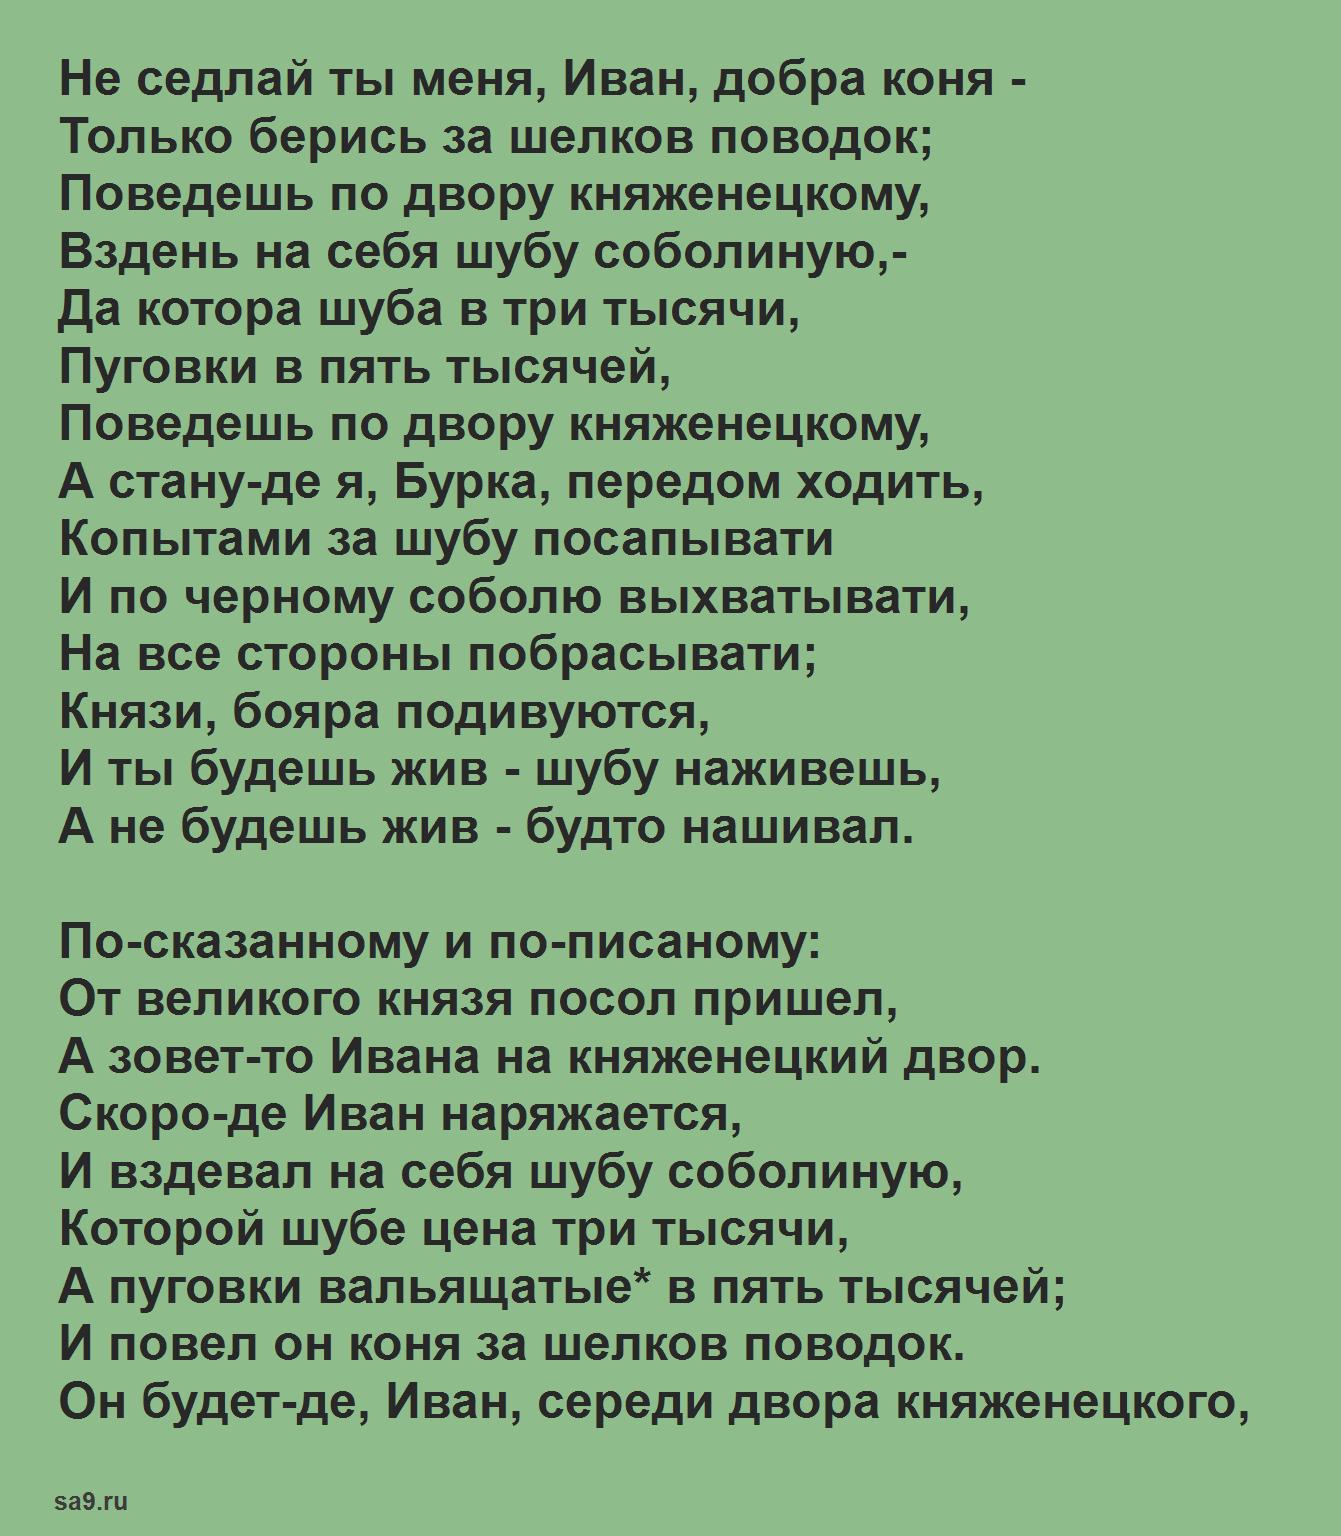 Читать былину полностью - Иван гостиный сын, бесплатно